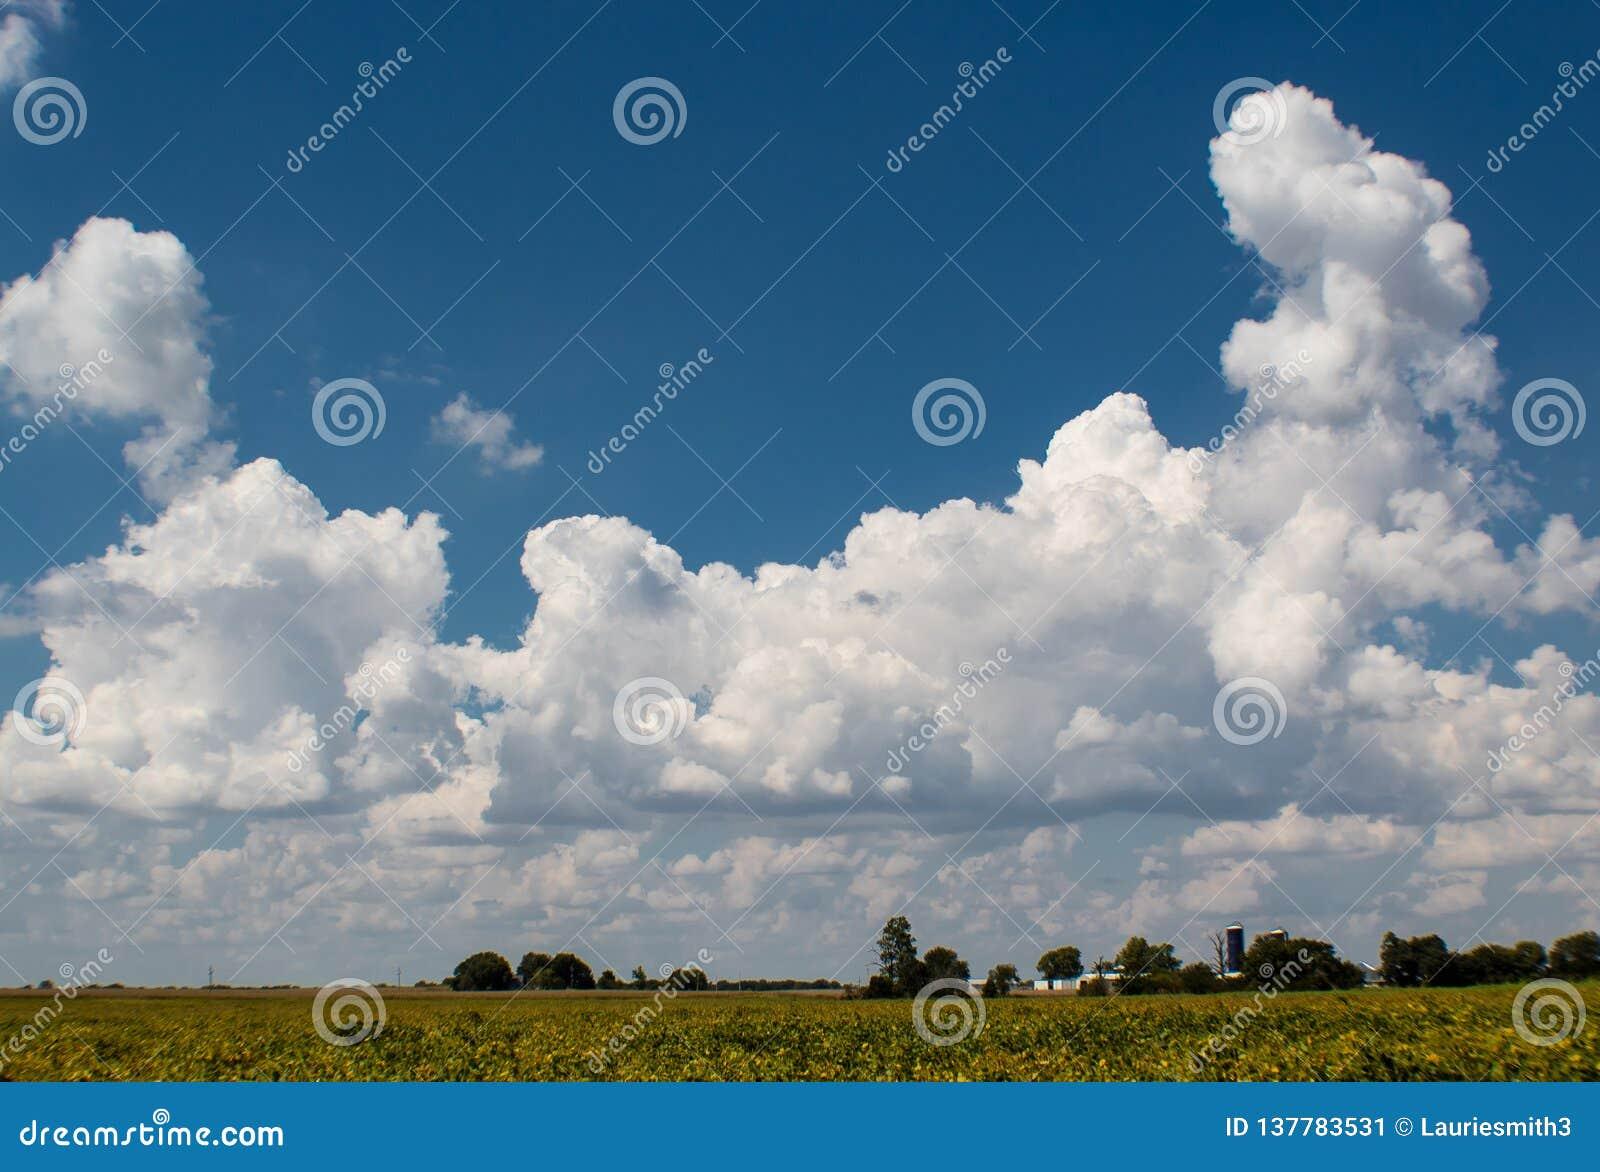 Tiefer blauer Sommerhimmel mit hellen geschwollenen Wolken, Bond County, Illinois